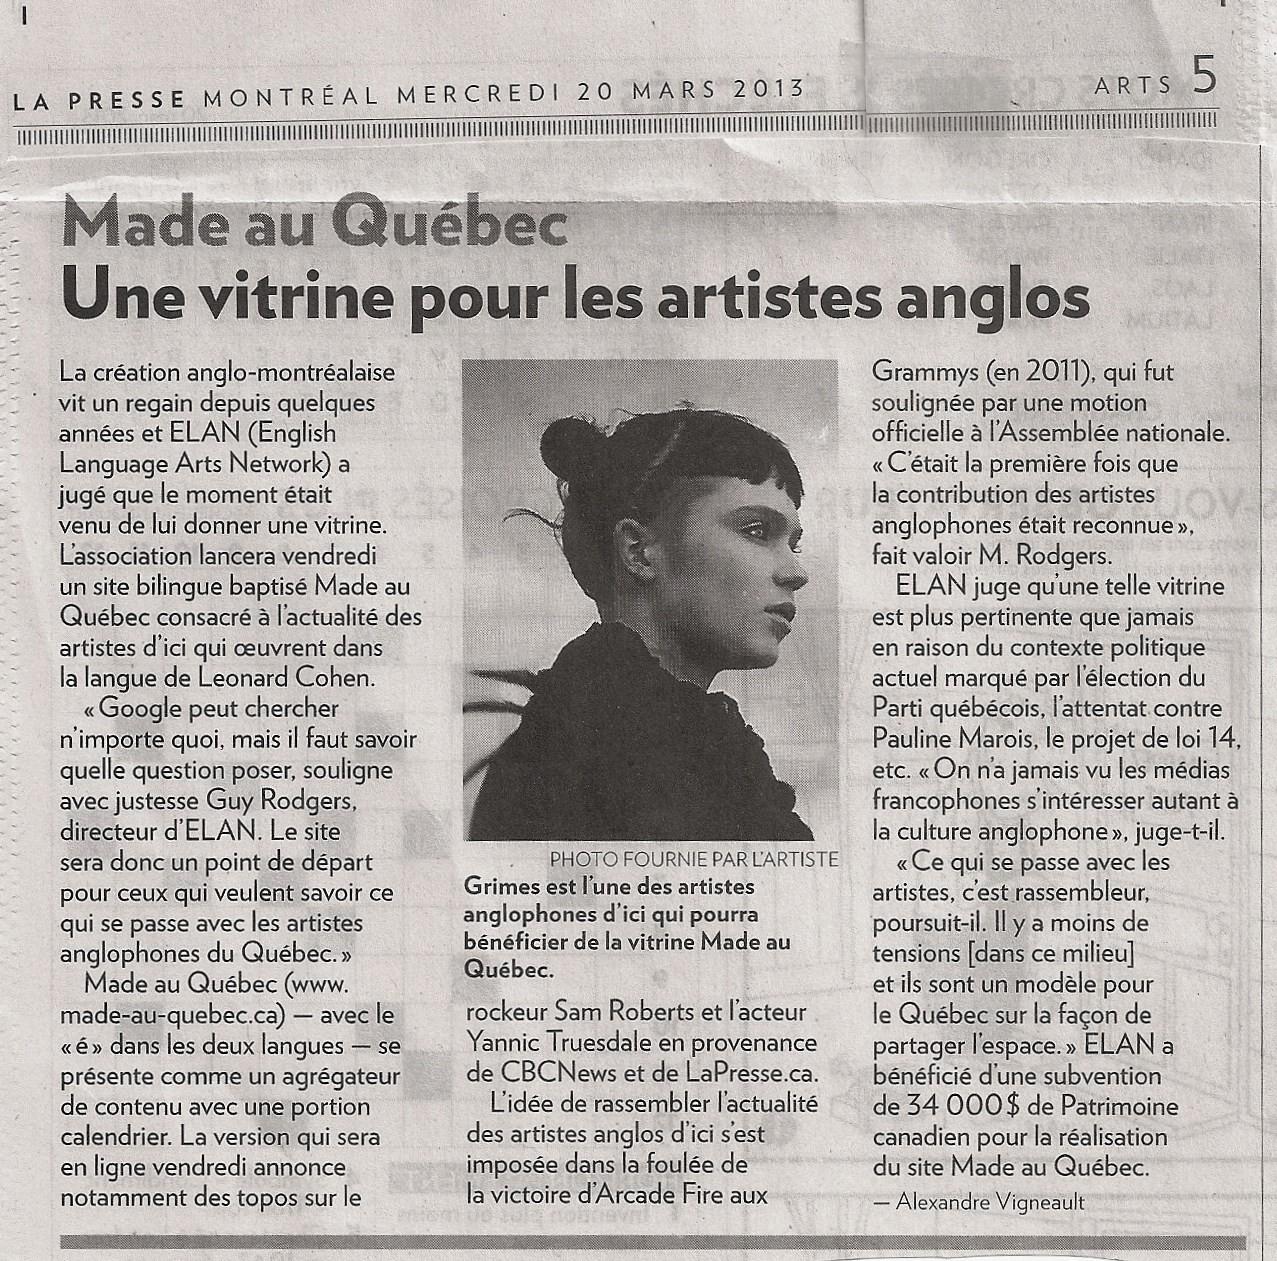 MAQ- La Presse (2013)